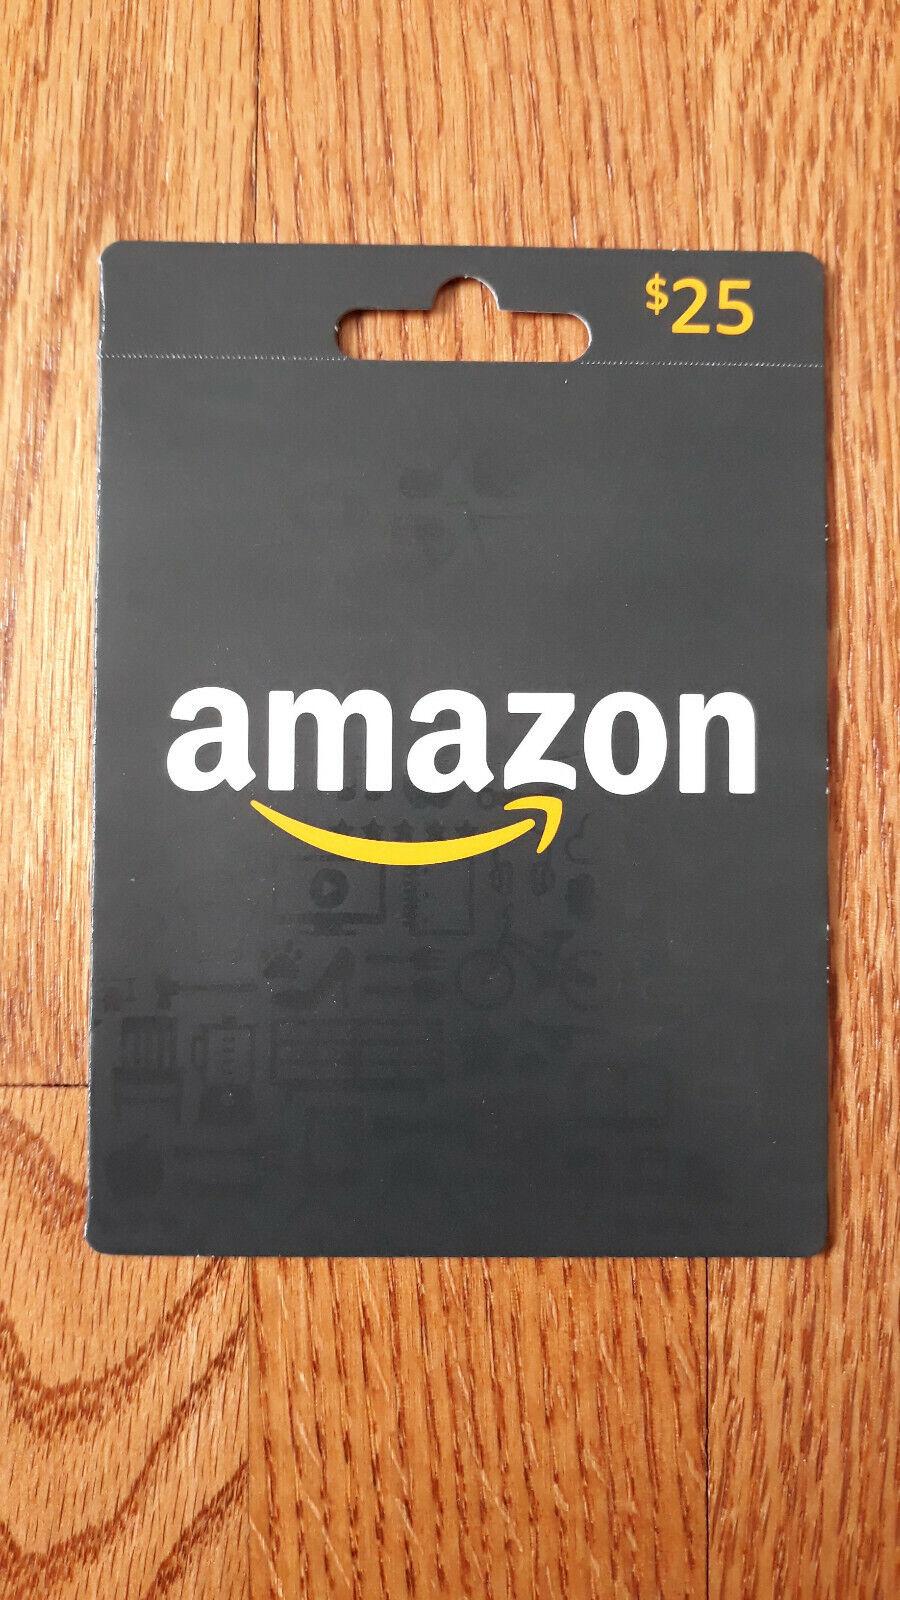 Amazon Gift Card 25 - $29.00